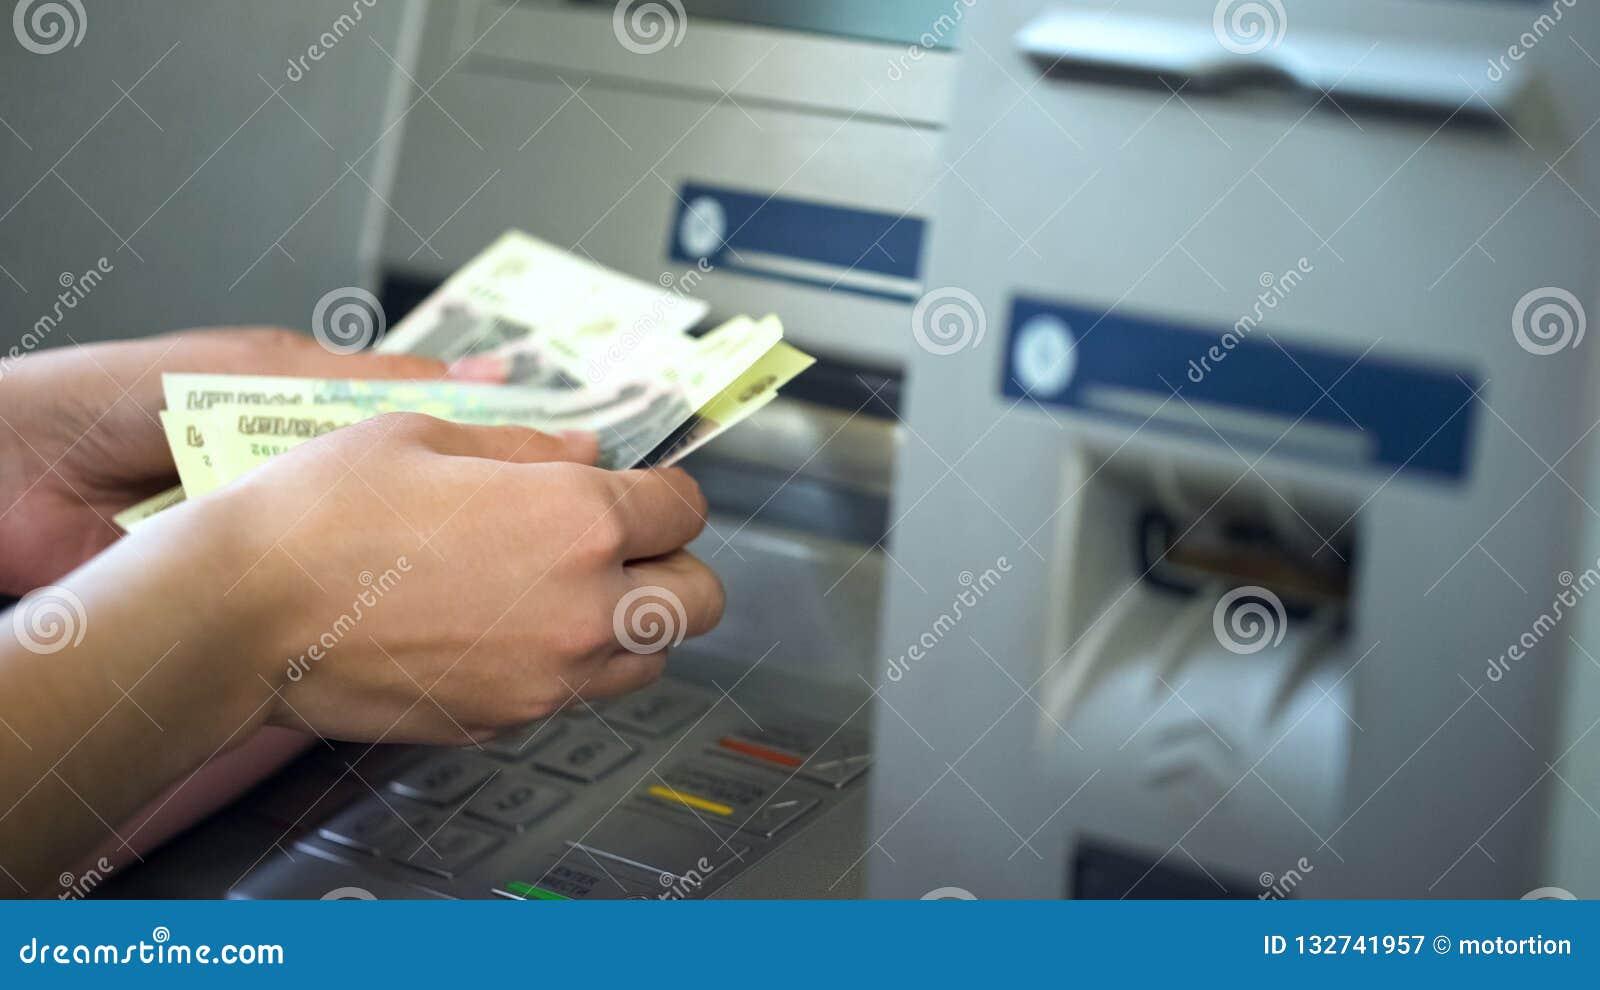 Kvinnliga räknande ryska rubel som återtas från ATM, 24h service, lätta bankrörelsen